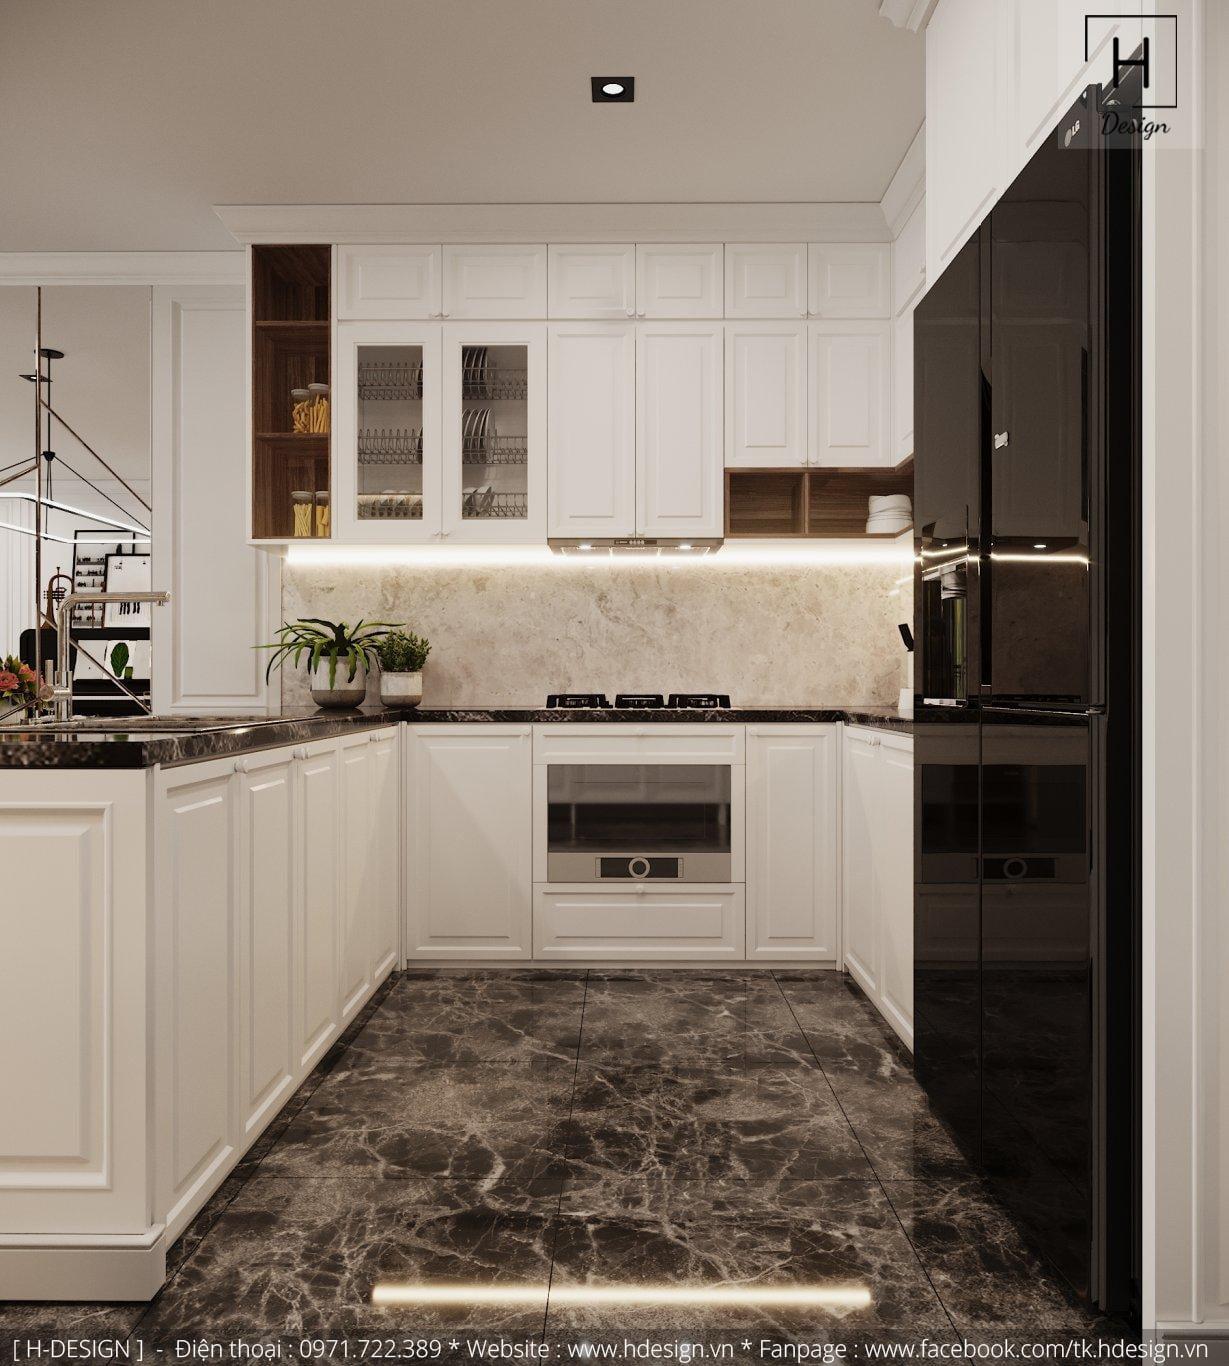 Thiết kế thi công nội thất đẹp cho căn hộ chung cư 86m2 -03